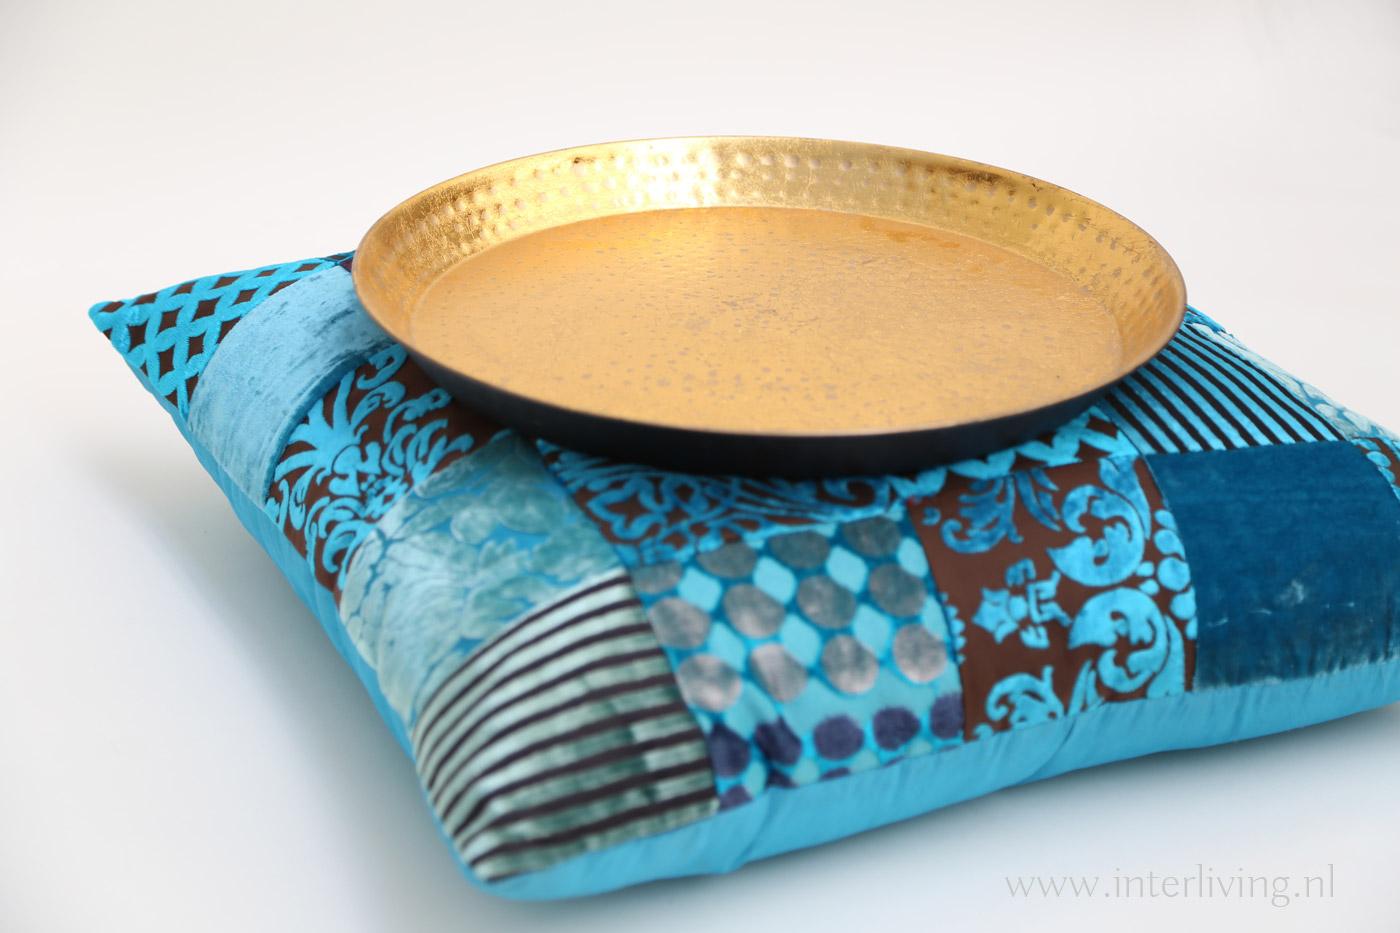 Petrol Blauw Kussens : Gouden accessoires met blauw combineren gouden filigrain lampen